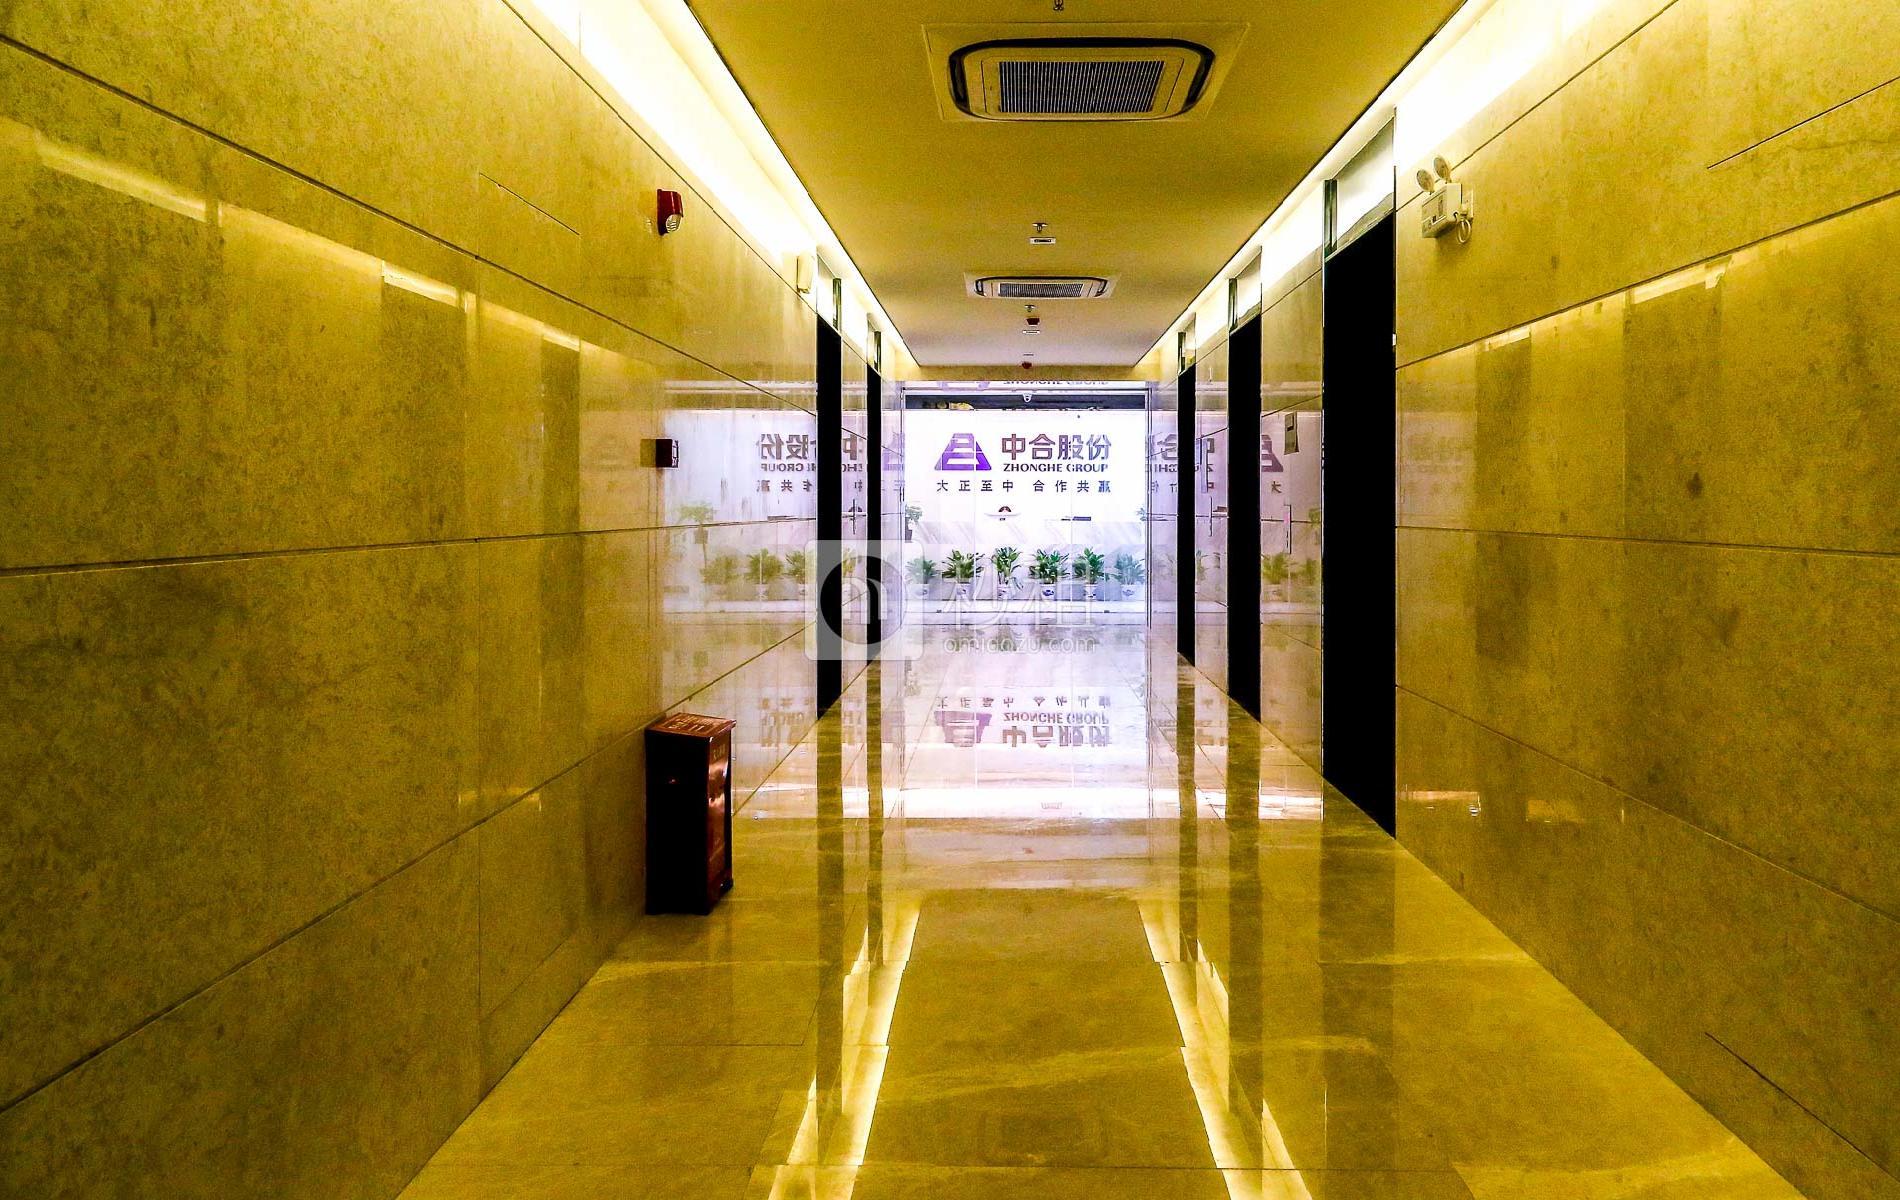 风华科技大厦写字楼出租/招租/租赁,风华科技大厦办公室出租/招租/租赁